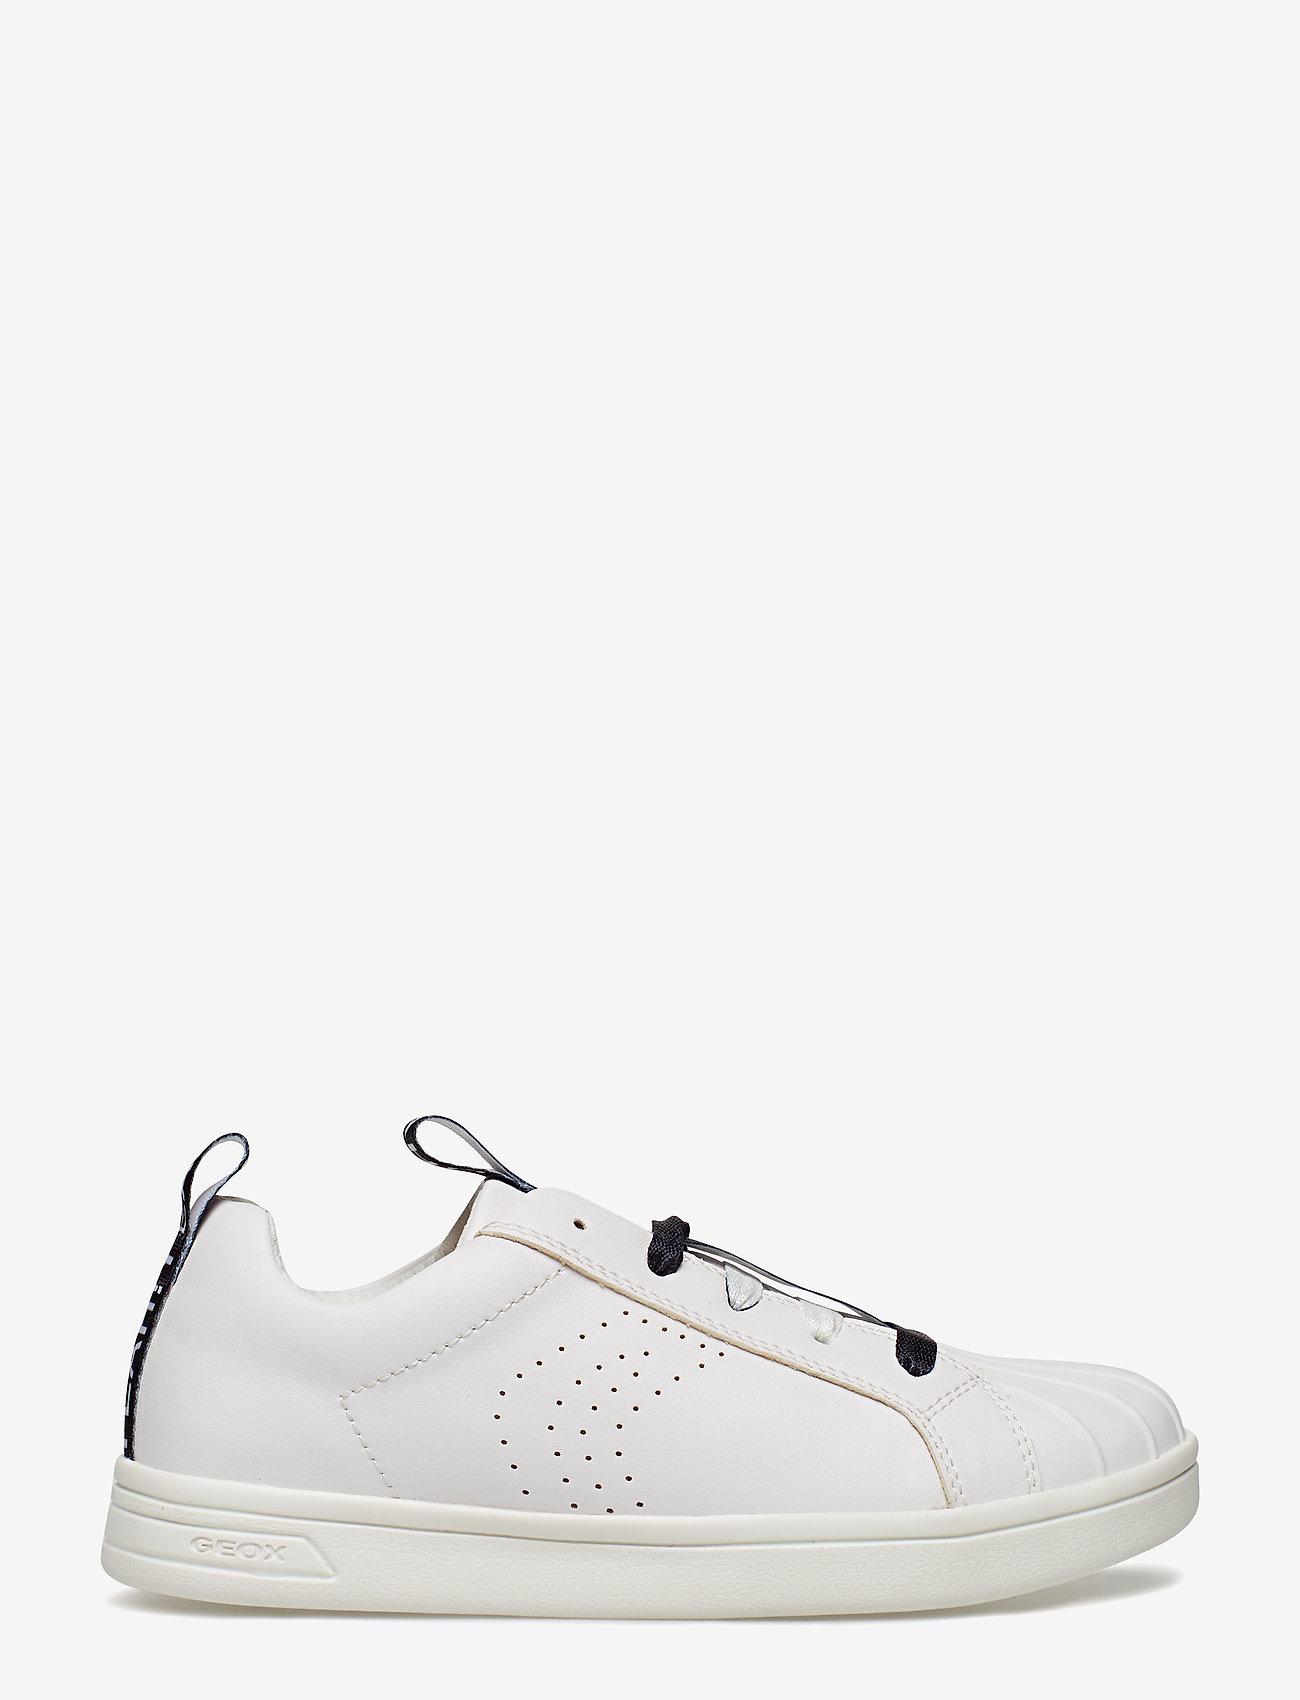 GEOX - J DJROCK GIRL - baskets - white